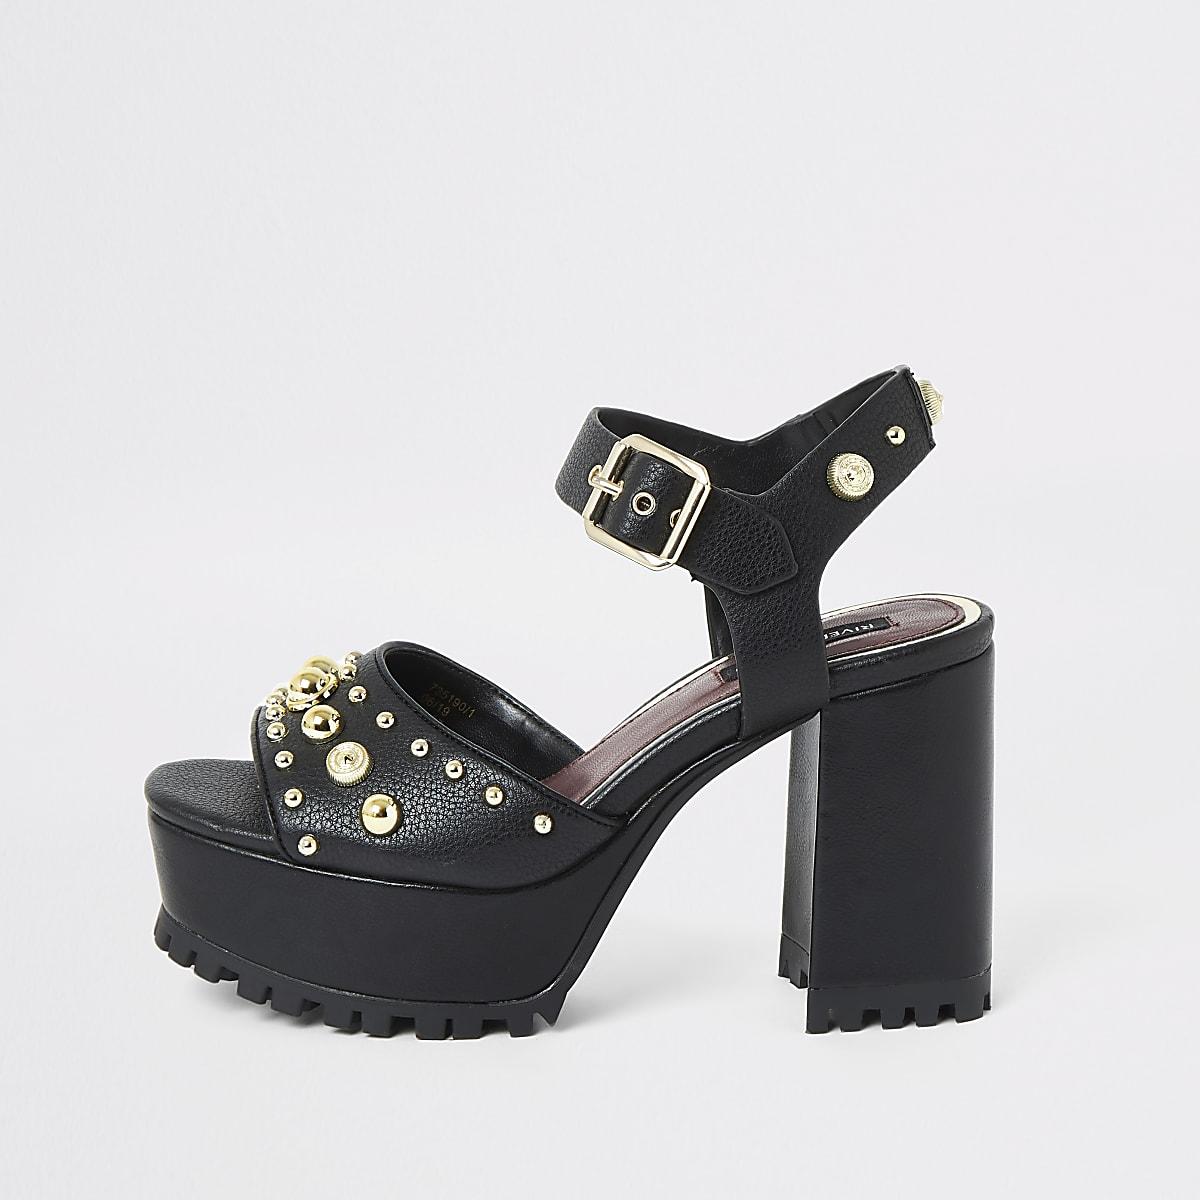 Sandales plateformecloutés à semelle crantée noires